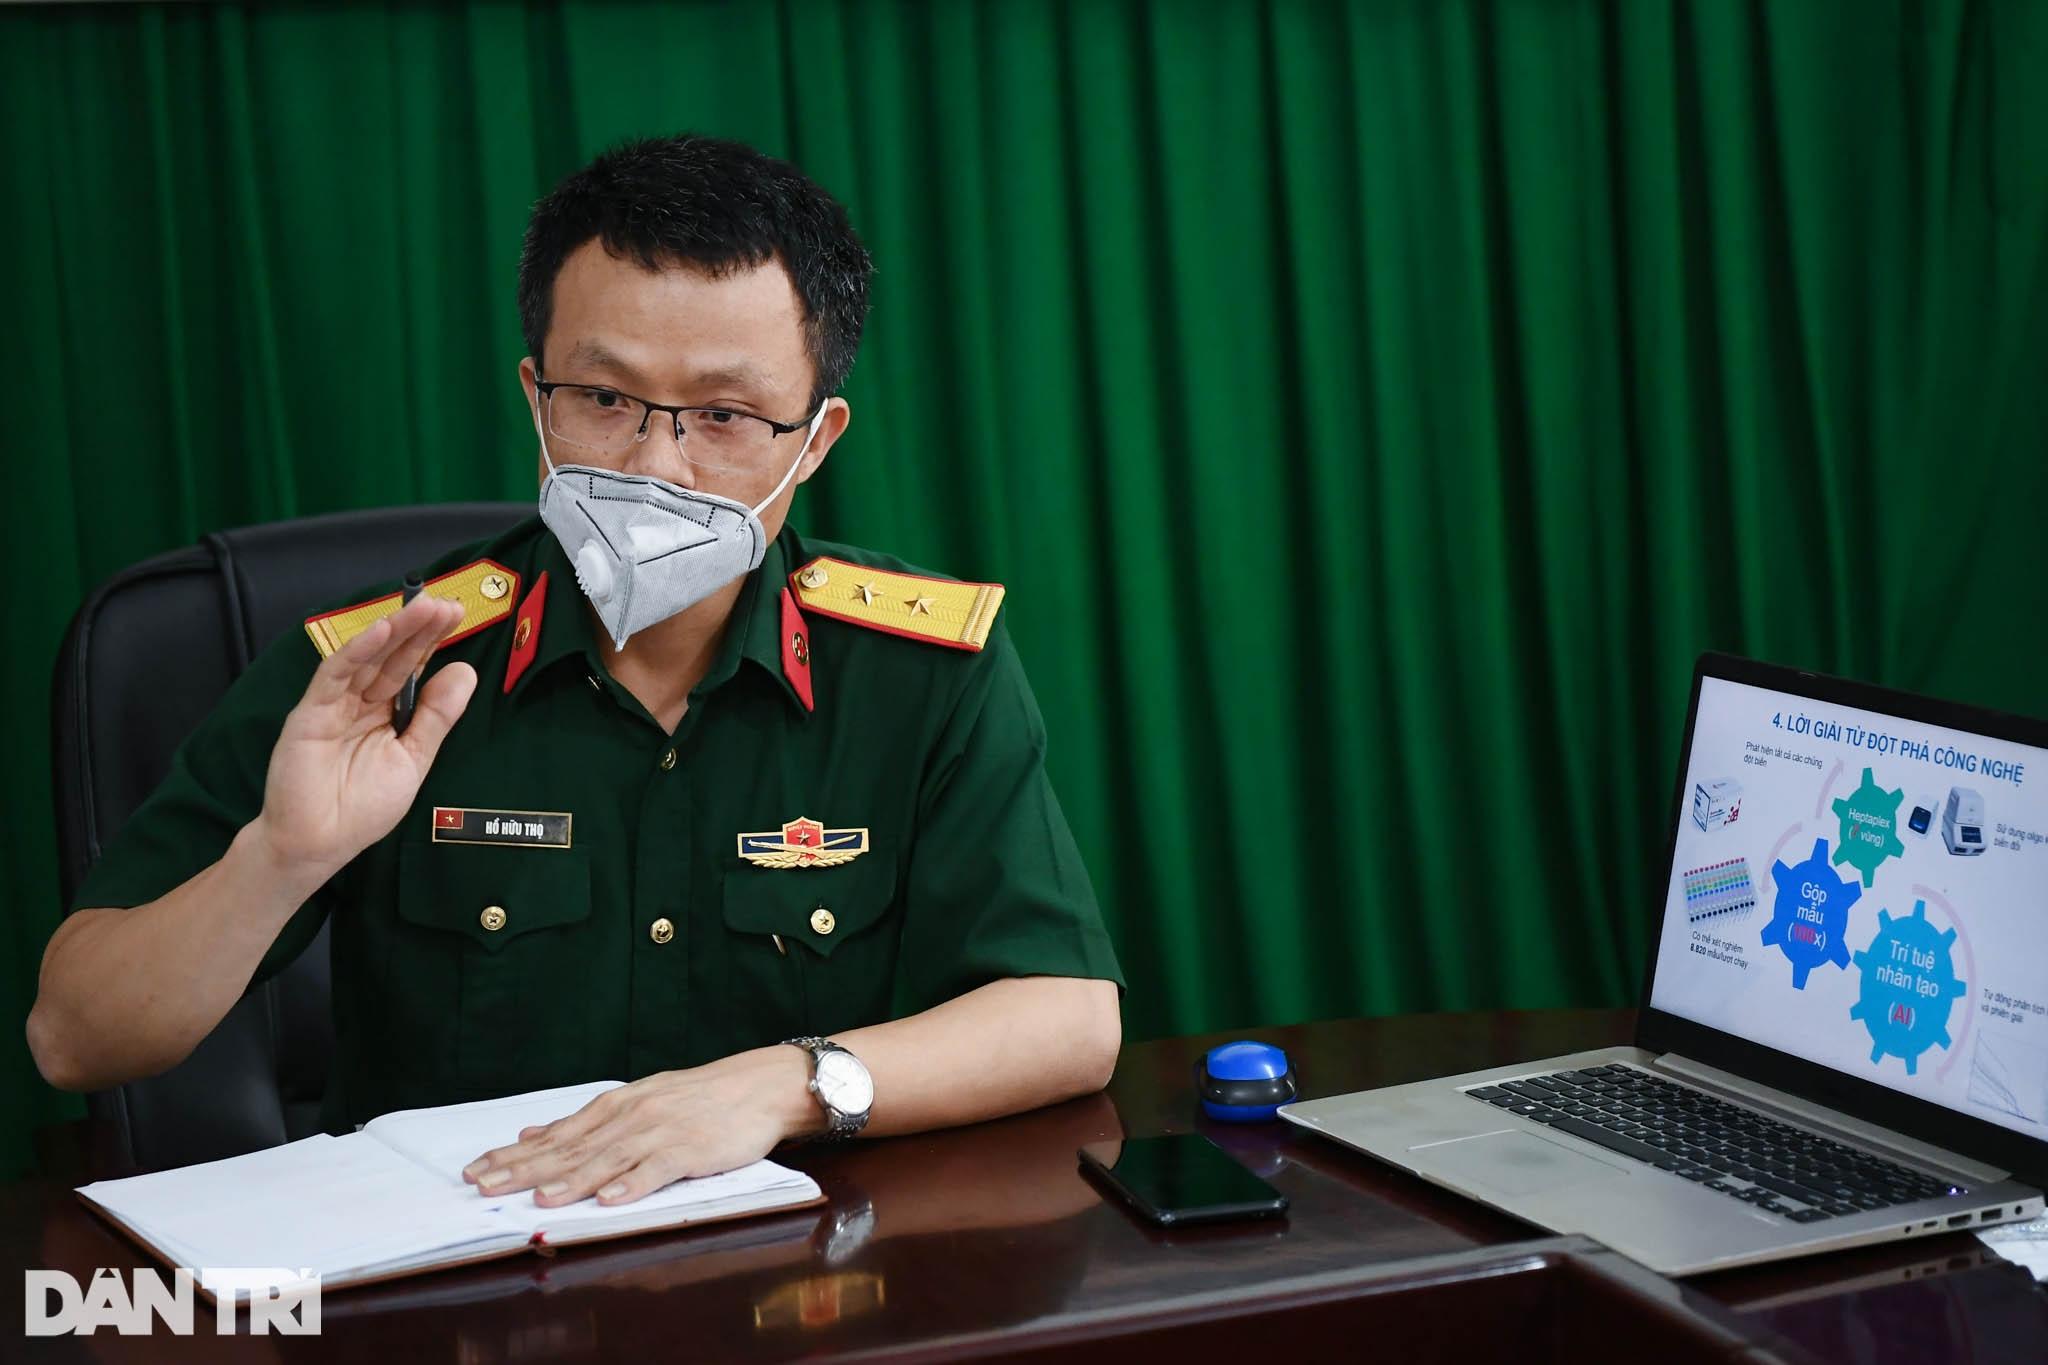 Cận cảnh khu xét nghiệm lớn nhất Việt Nam, cao điểm xử lý 20.000 mẫu/ngày - 2